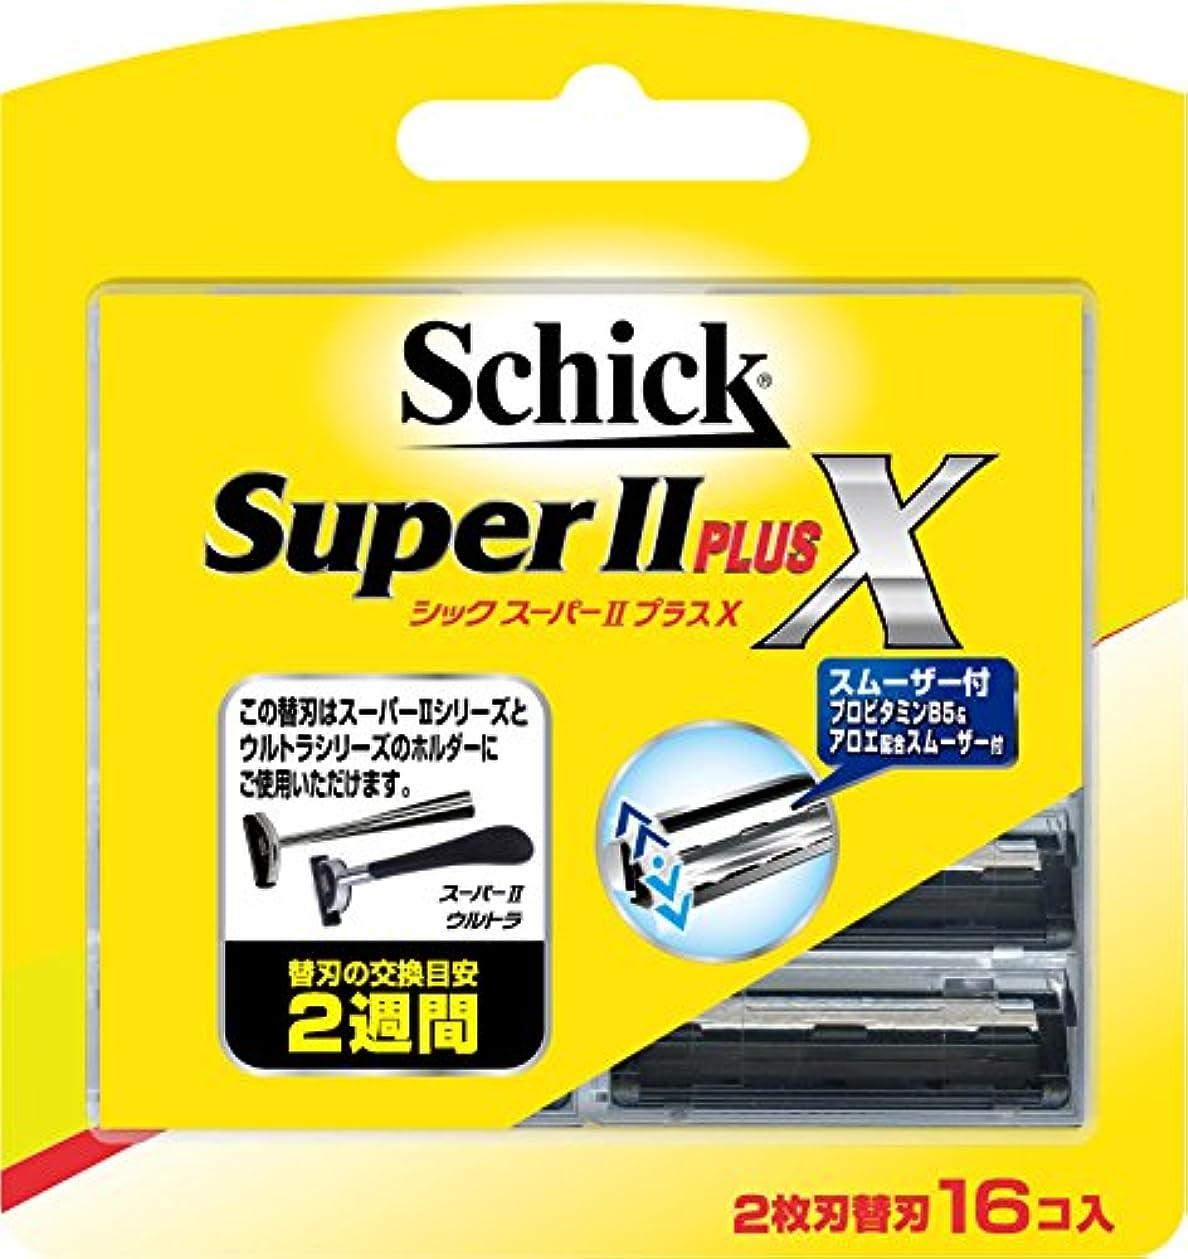 レインコートに関してエミュレートするシック Schick スーパーIIプラスX 2枚刃 替刃 (16コ入)